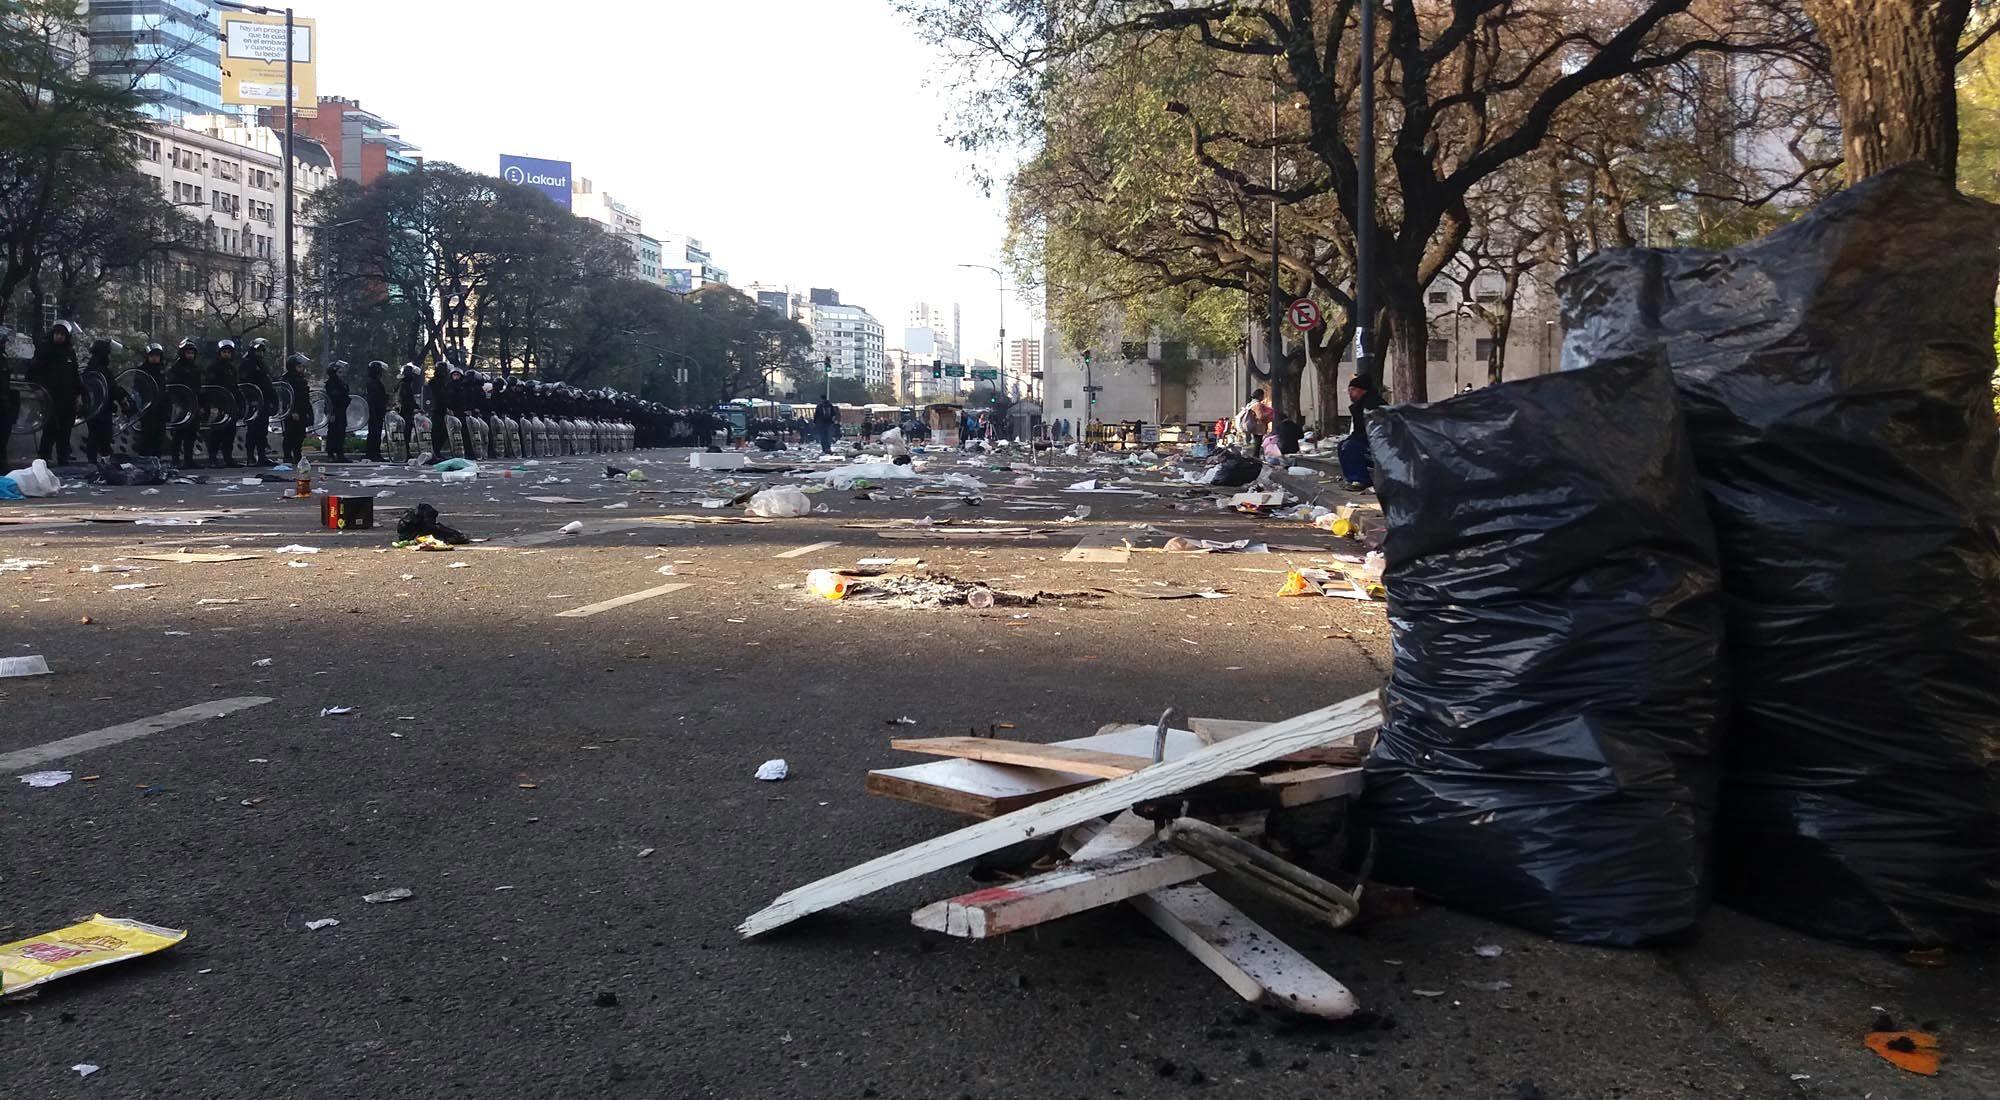 Imágenes de como quedó el lugar donde se realizó el acampe sobre la Avenida 9 de Julio, en el centro de la ciudad de Buenos Aires